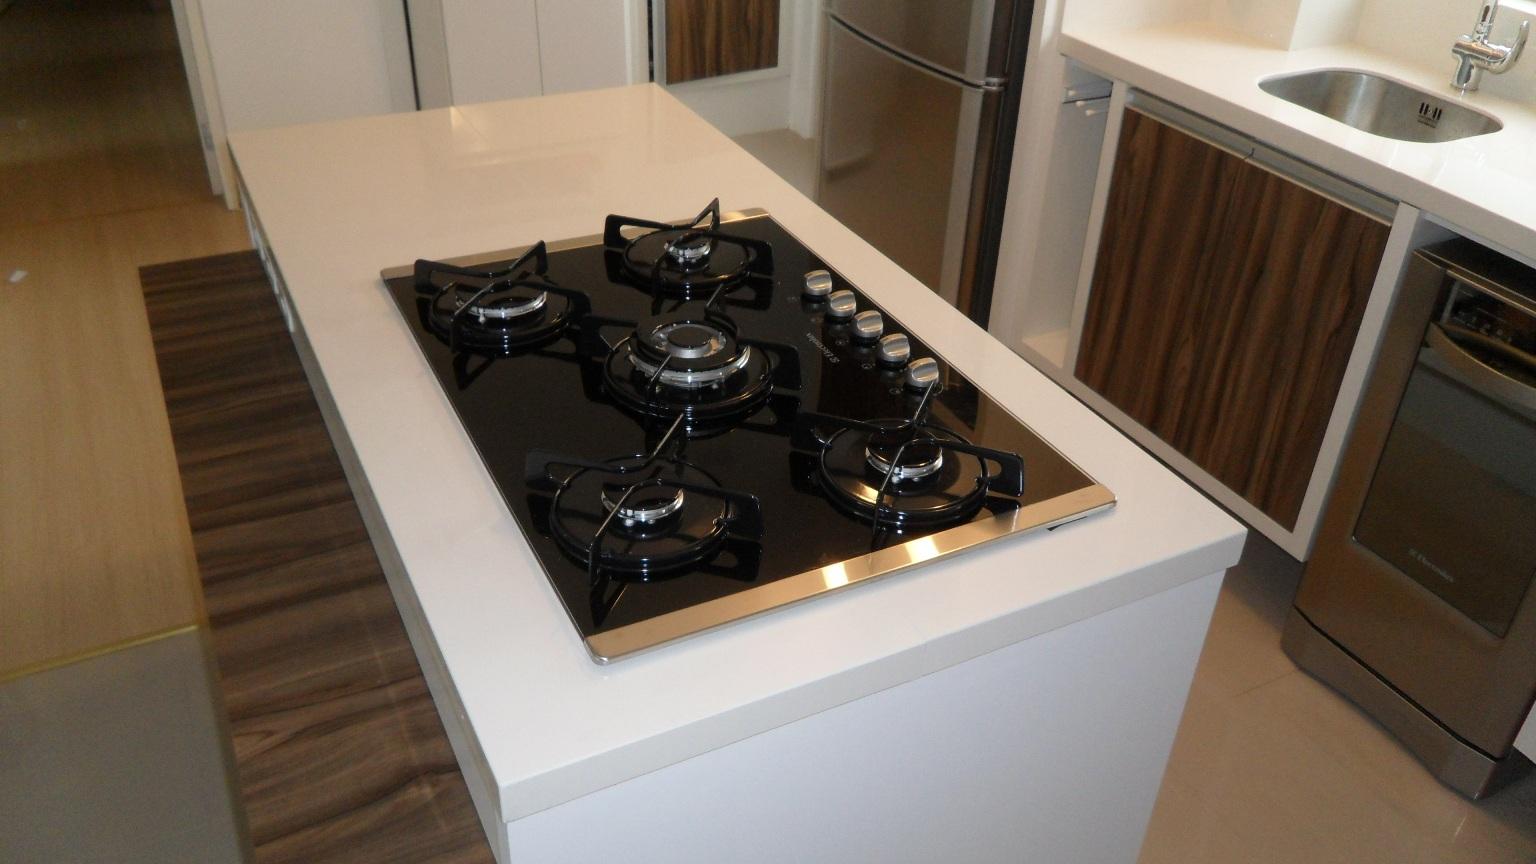 #886743  porcelanato.: Bancada cozinha com ilha e cooktop. Porcelanato 1536x864 px Bancada De Cozinha Americana De Porcelanato #1349 imagens